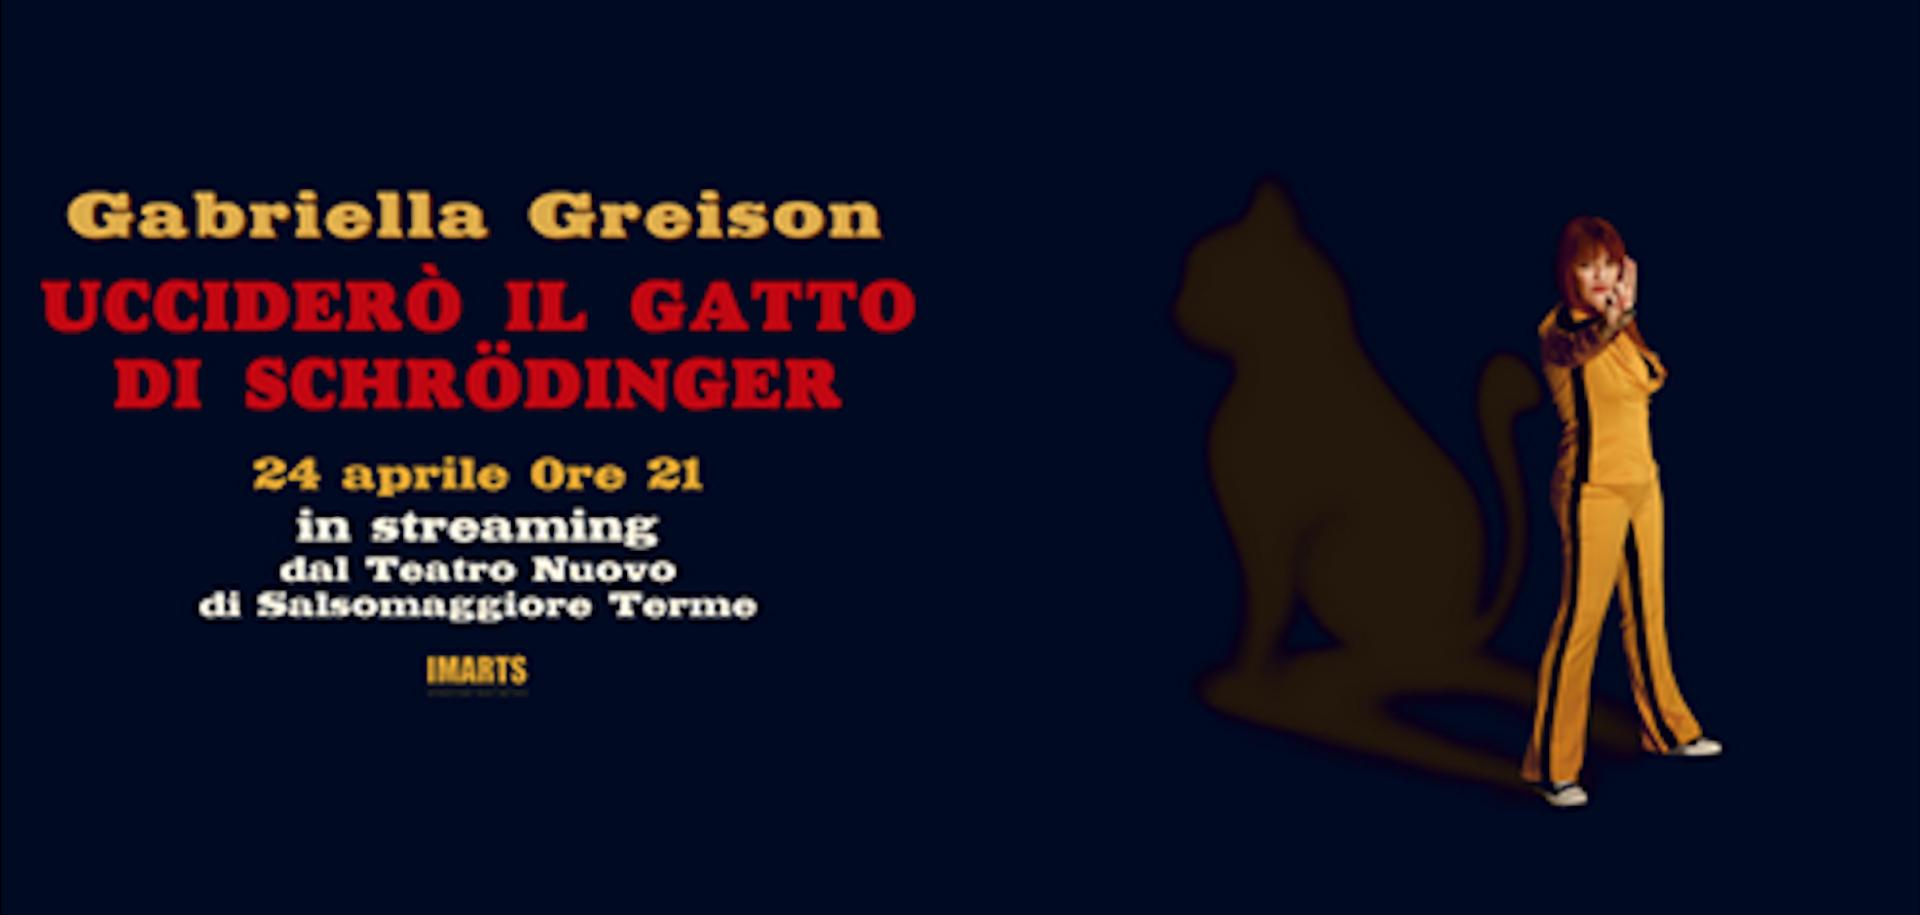 """Ecco il link per prenotare il posto per il debutto online del mio nuovo spettacolo """"Ucciderò il gatto di Schrödinger""""!"""